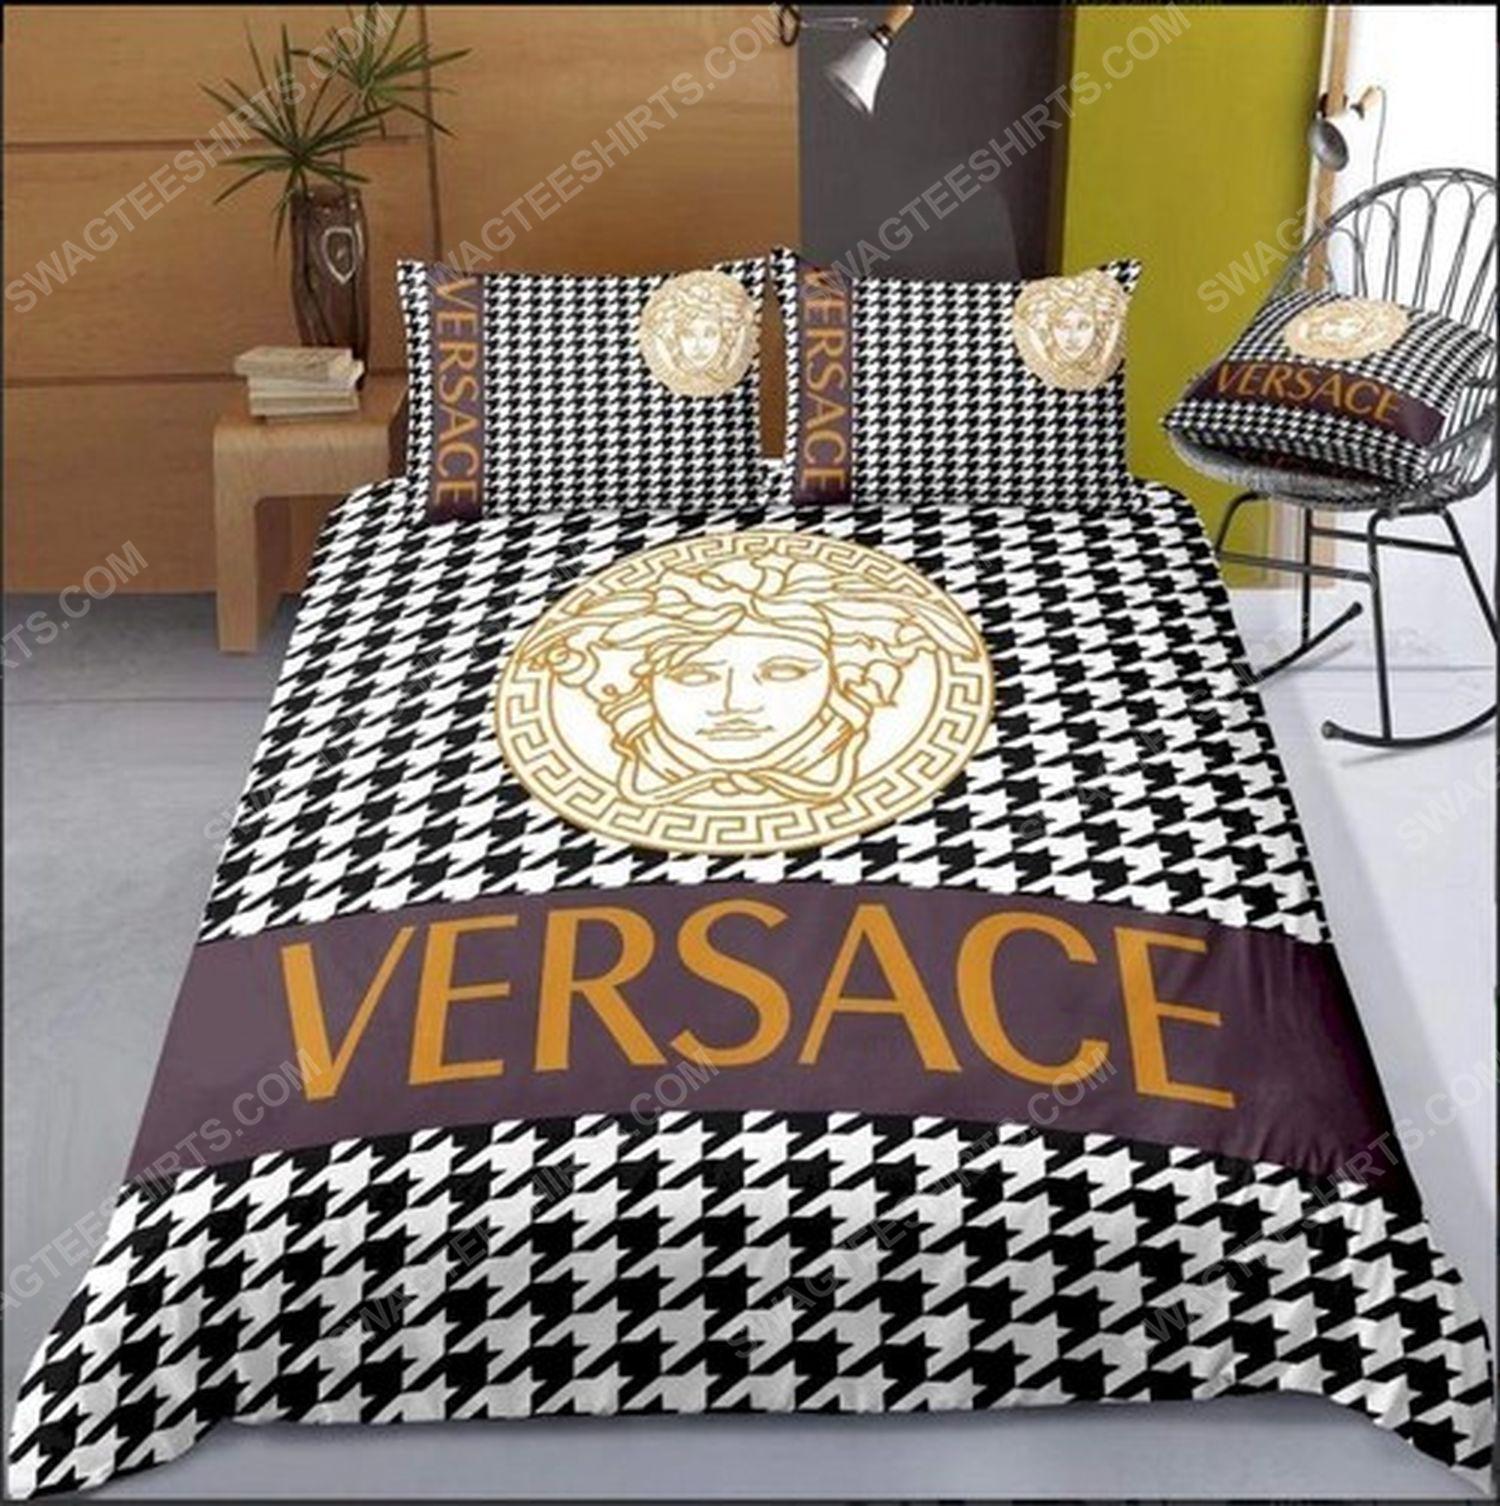 Versace home monogram full print duvet cover bedding set 3